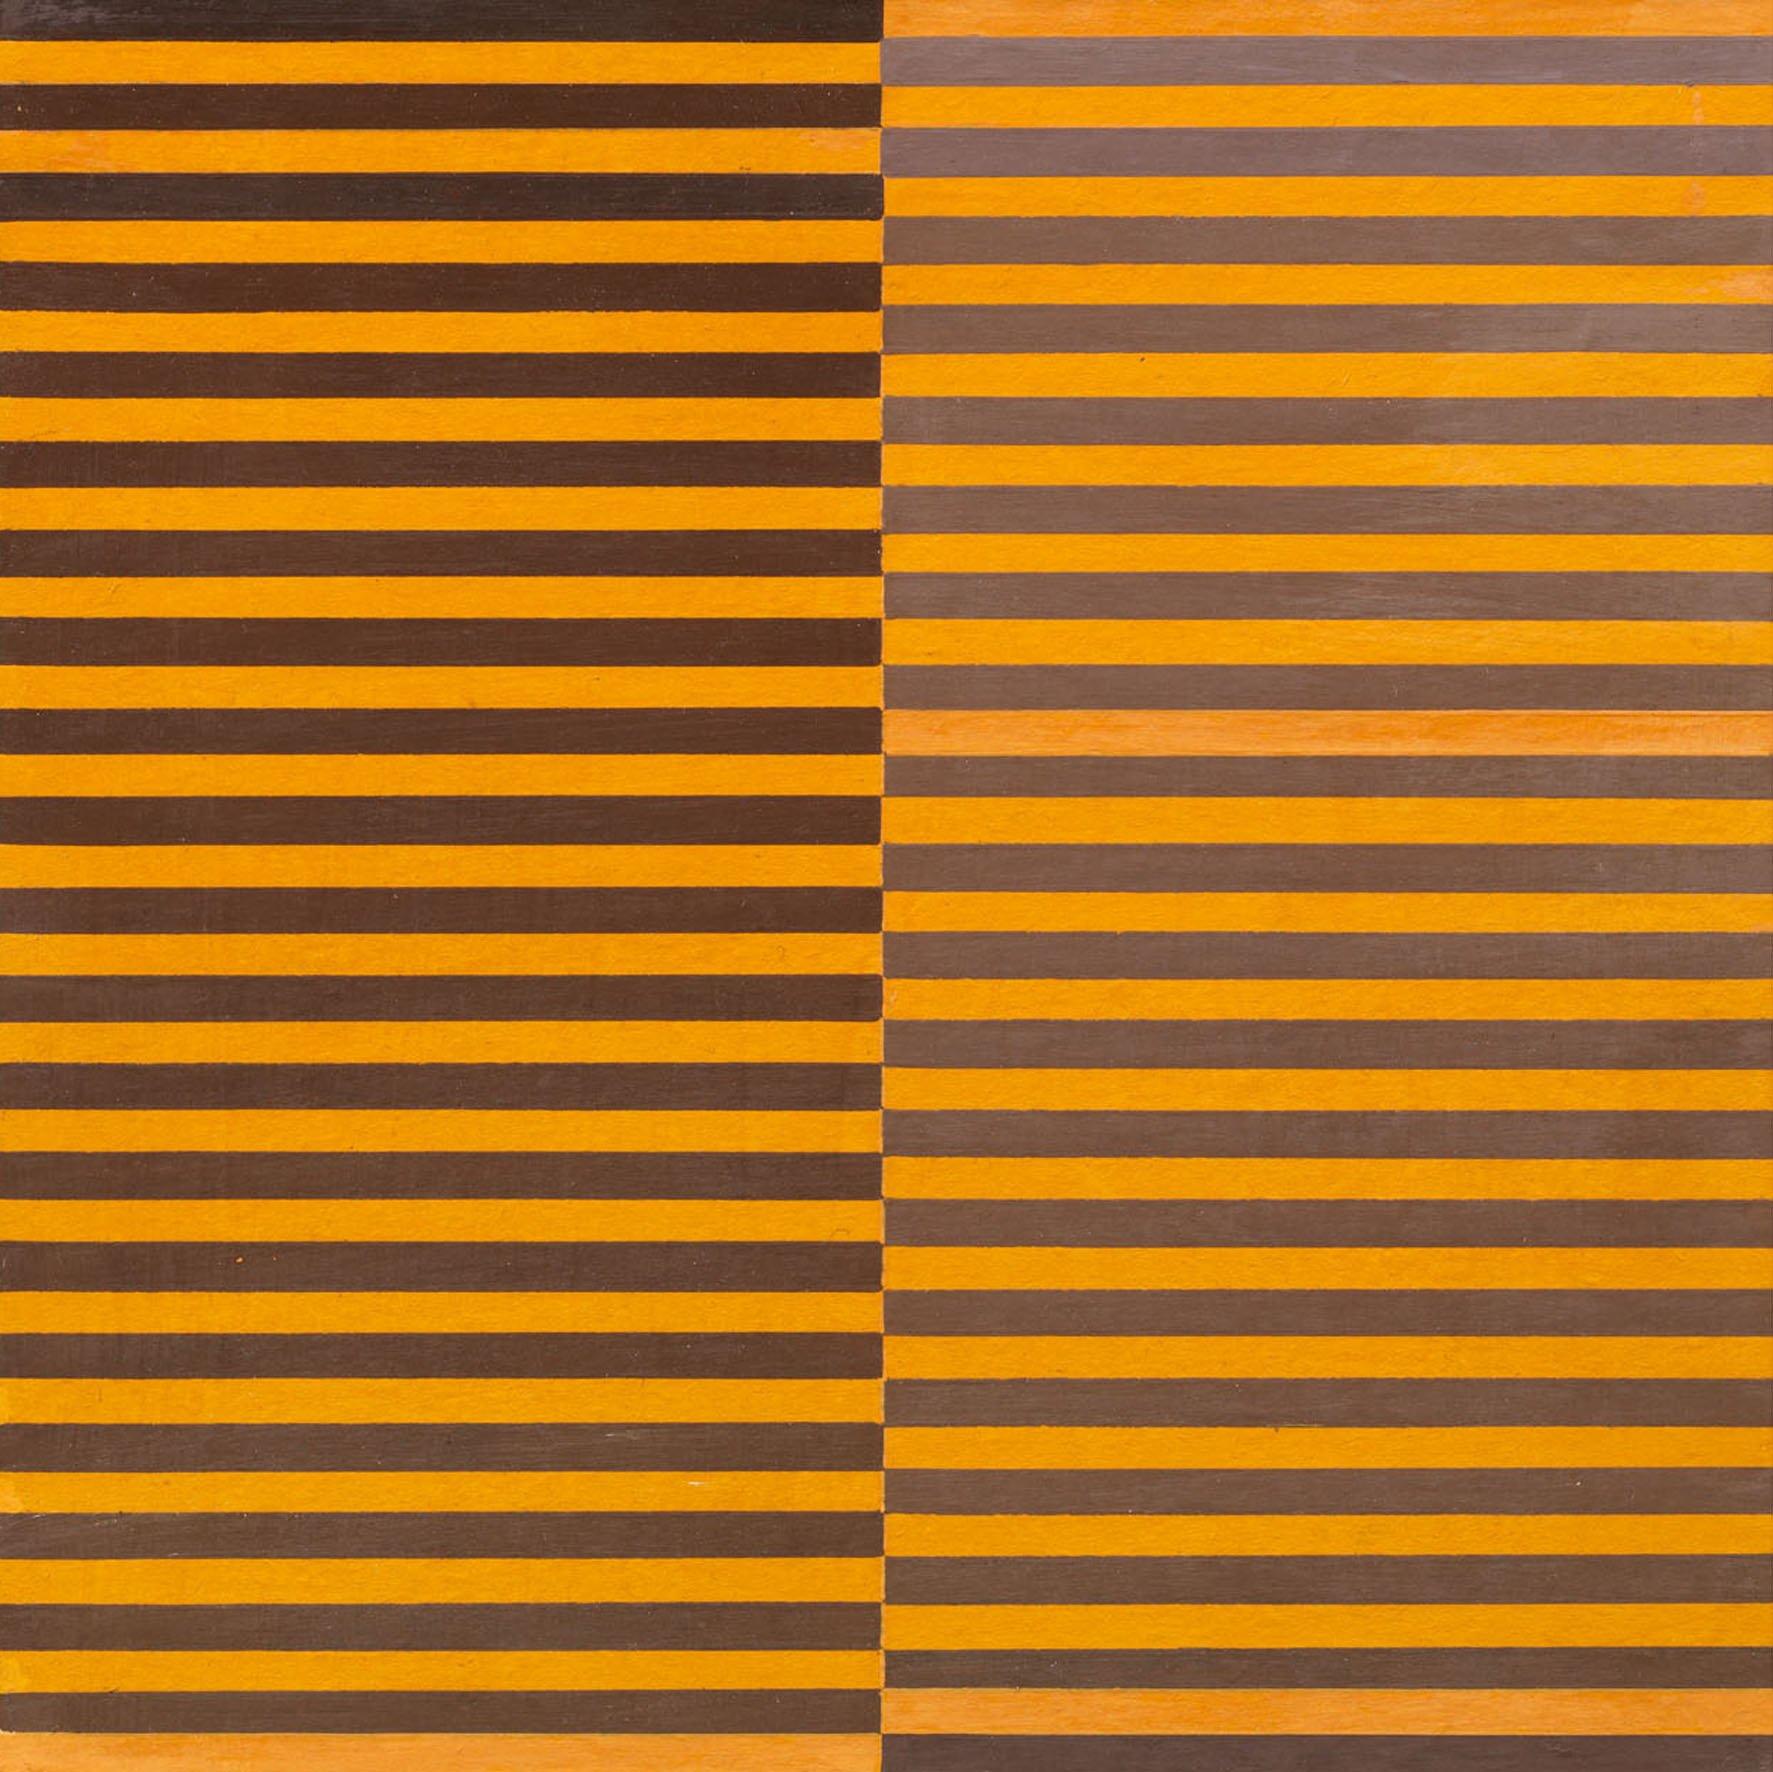 Dadamaino, Ricerca del colore. Marrone su arancio, 1966-68, tempera sur papier sur masonite, 20x20 cm